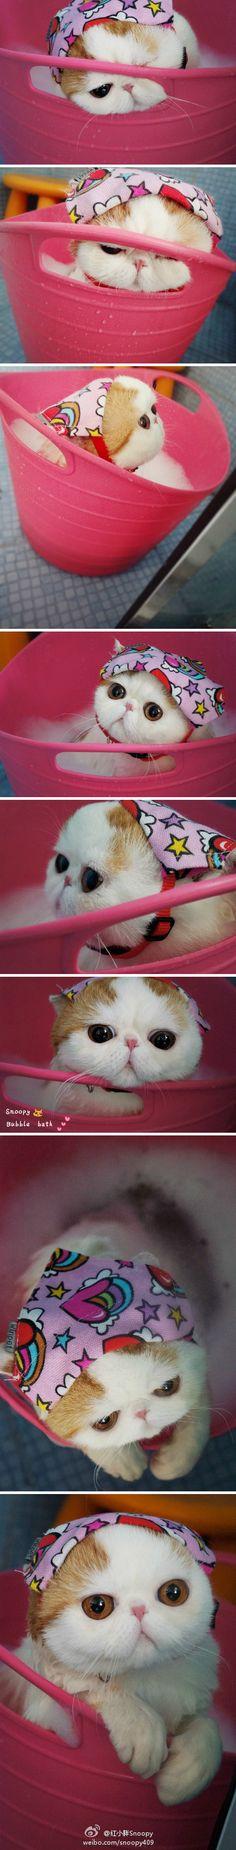 Snoopy cat!